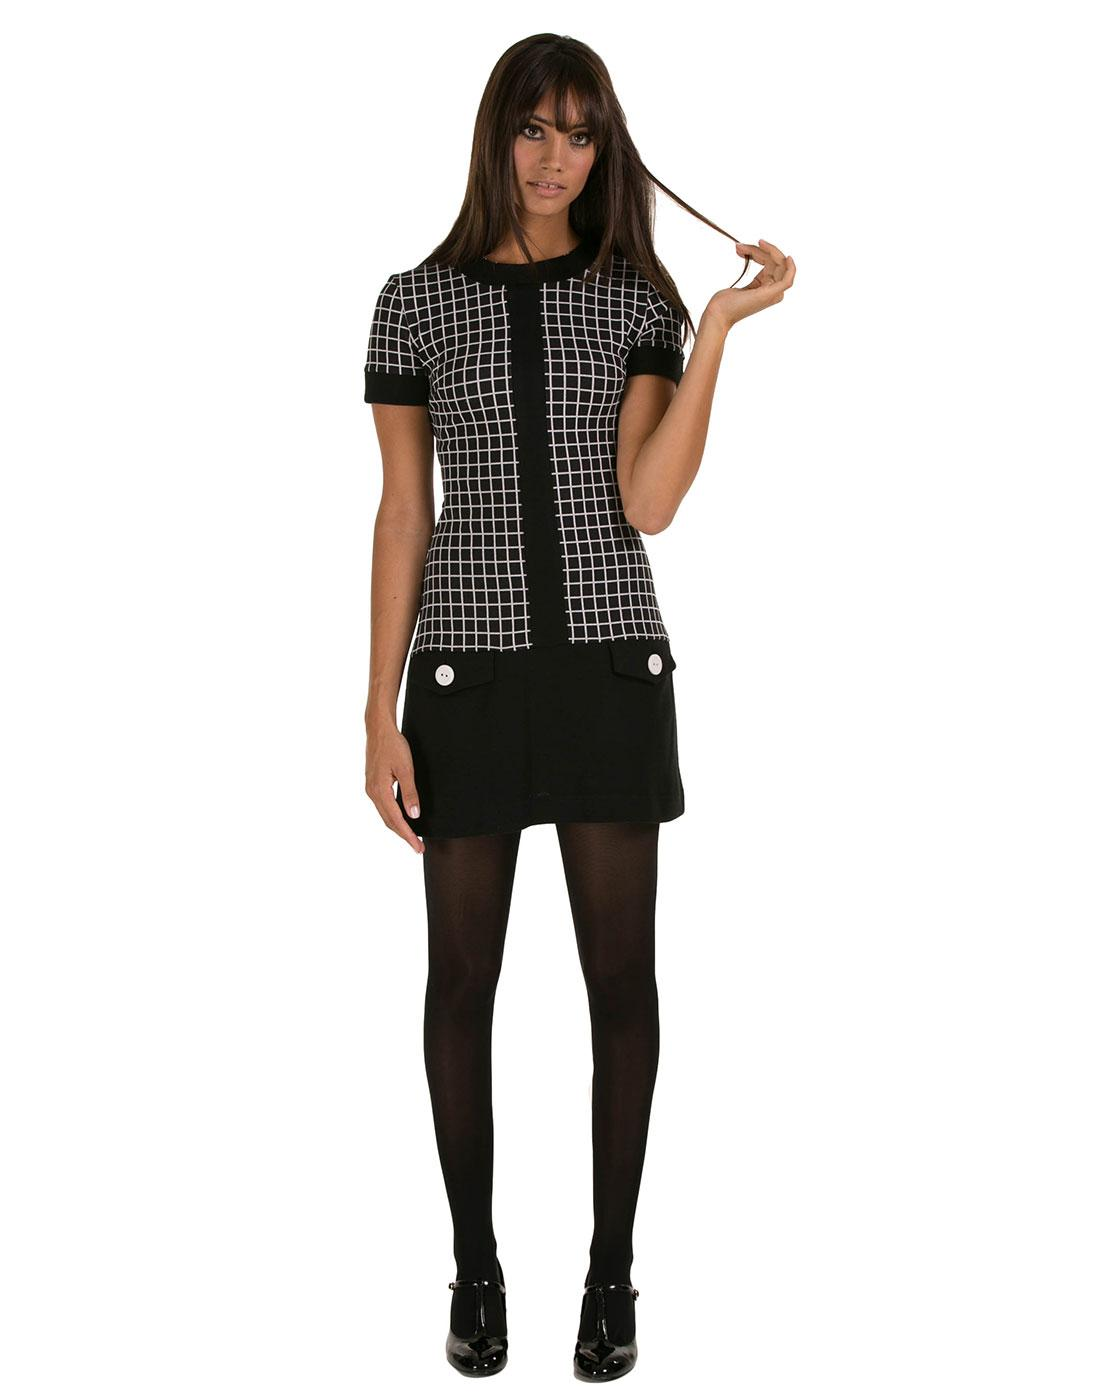 MARMALADE Retro 60s Centre Stripe Mod Dress